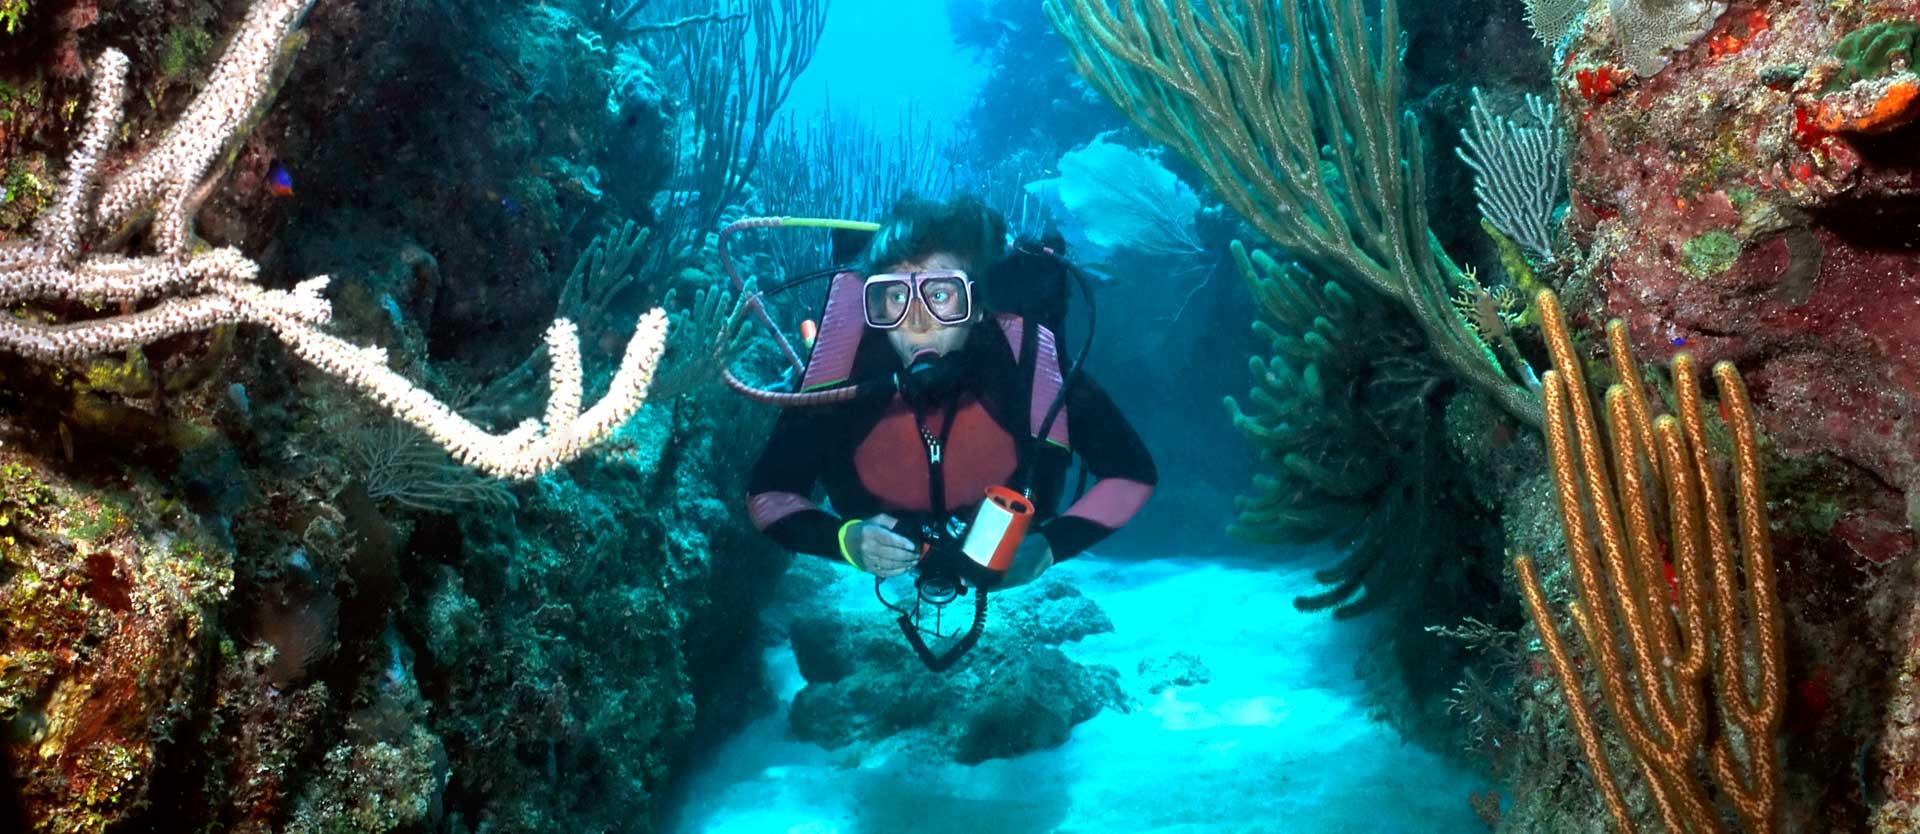 lr-dive-slider32